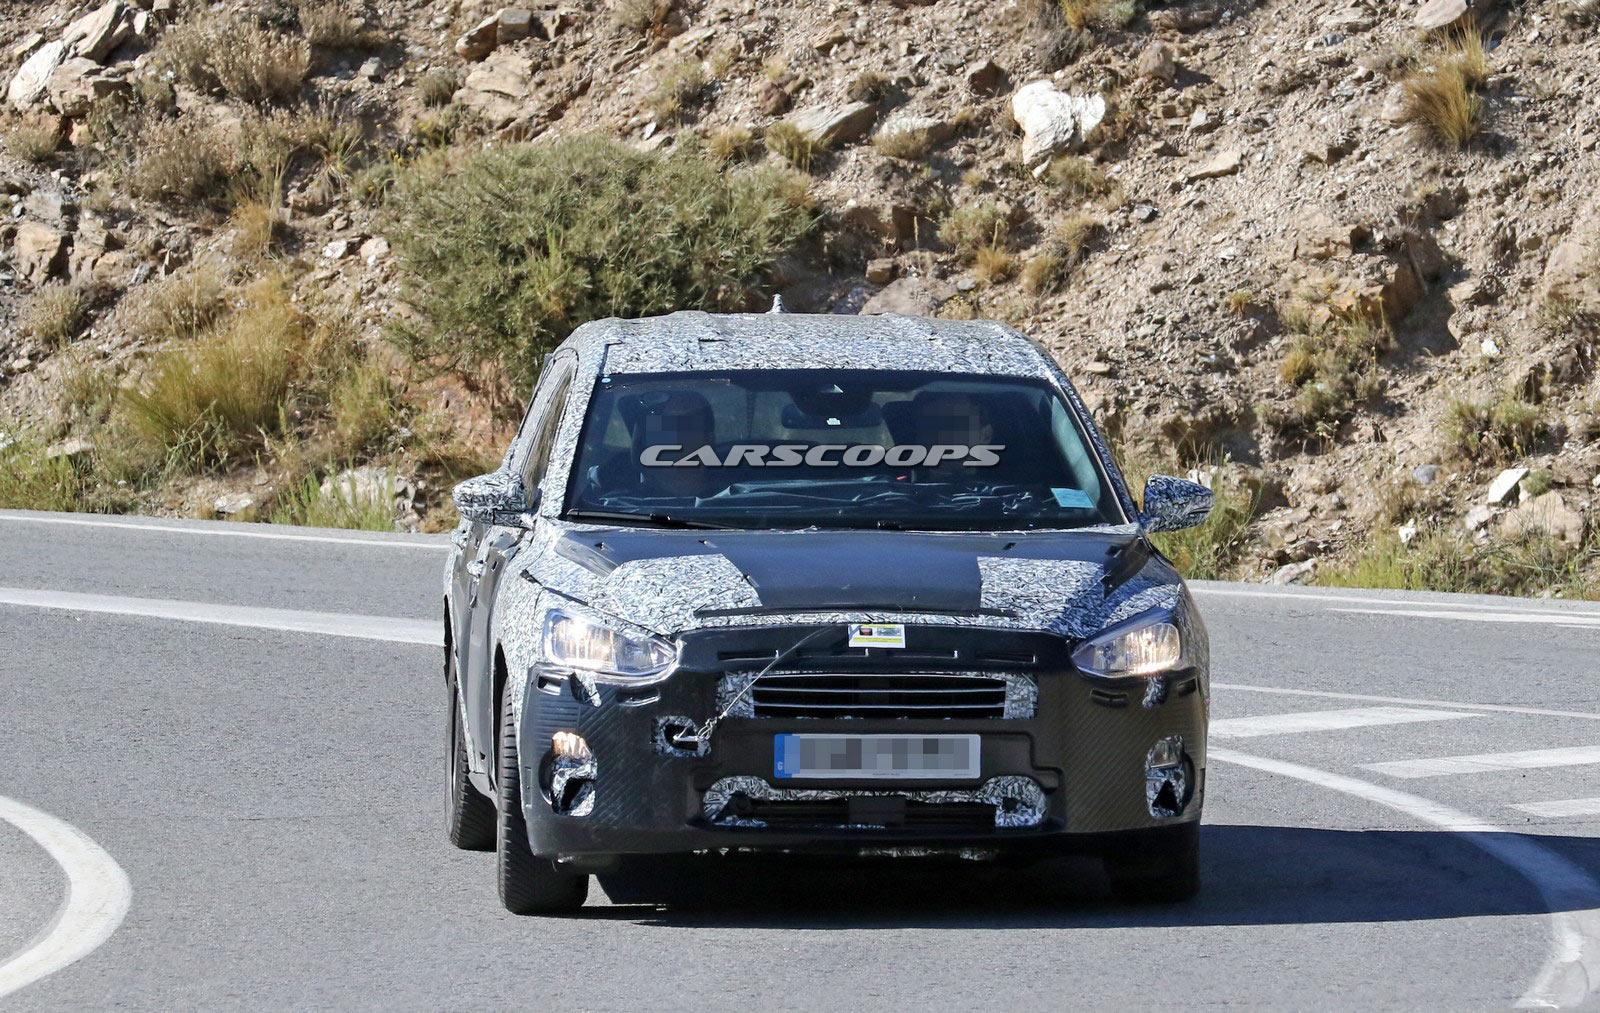 ford-focus-wagon-1.jpg